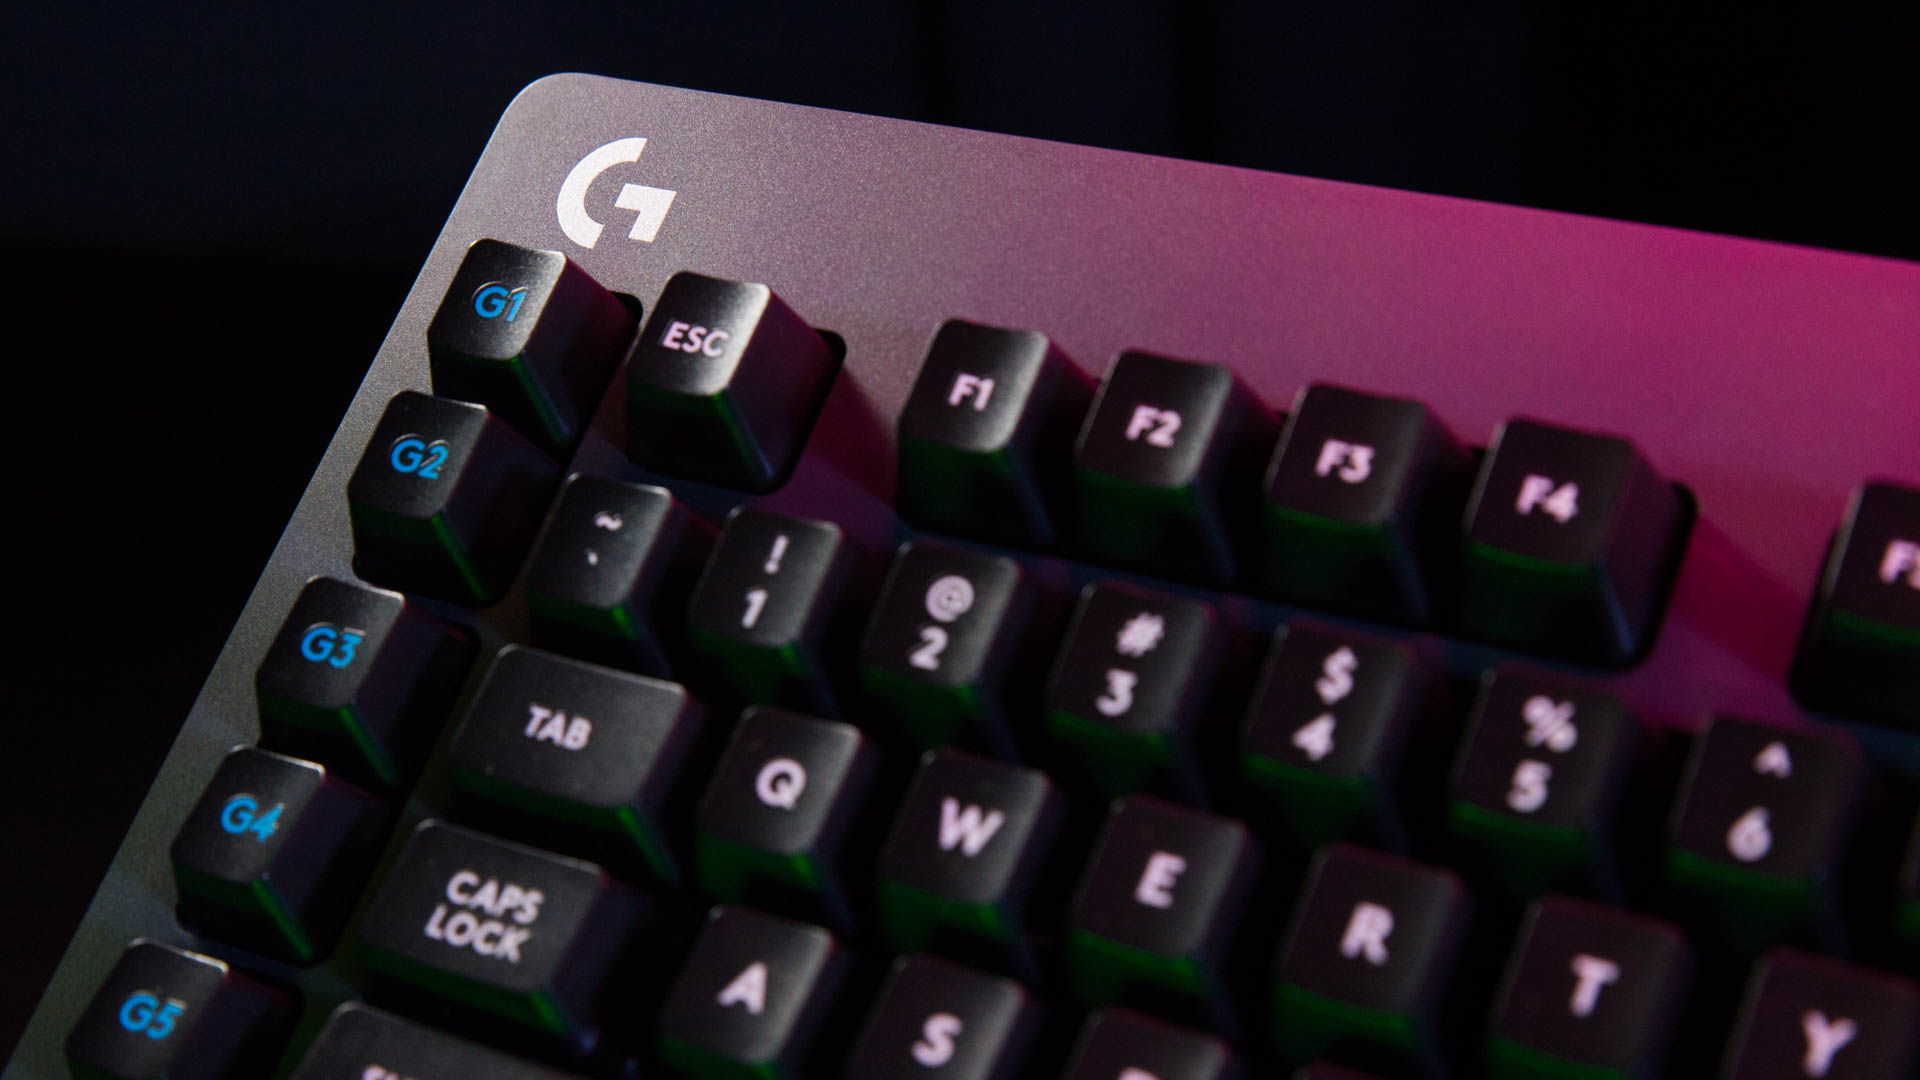 Logitech G613 wireless keyboard review 2